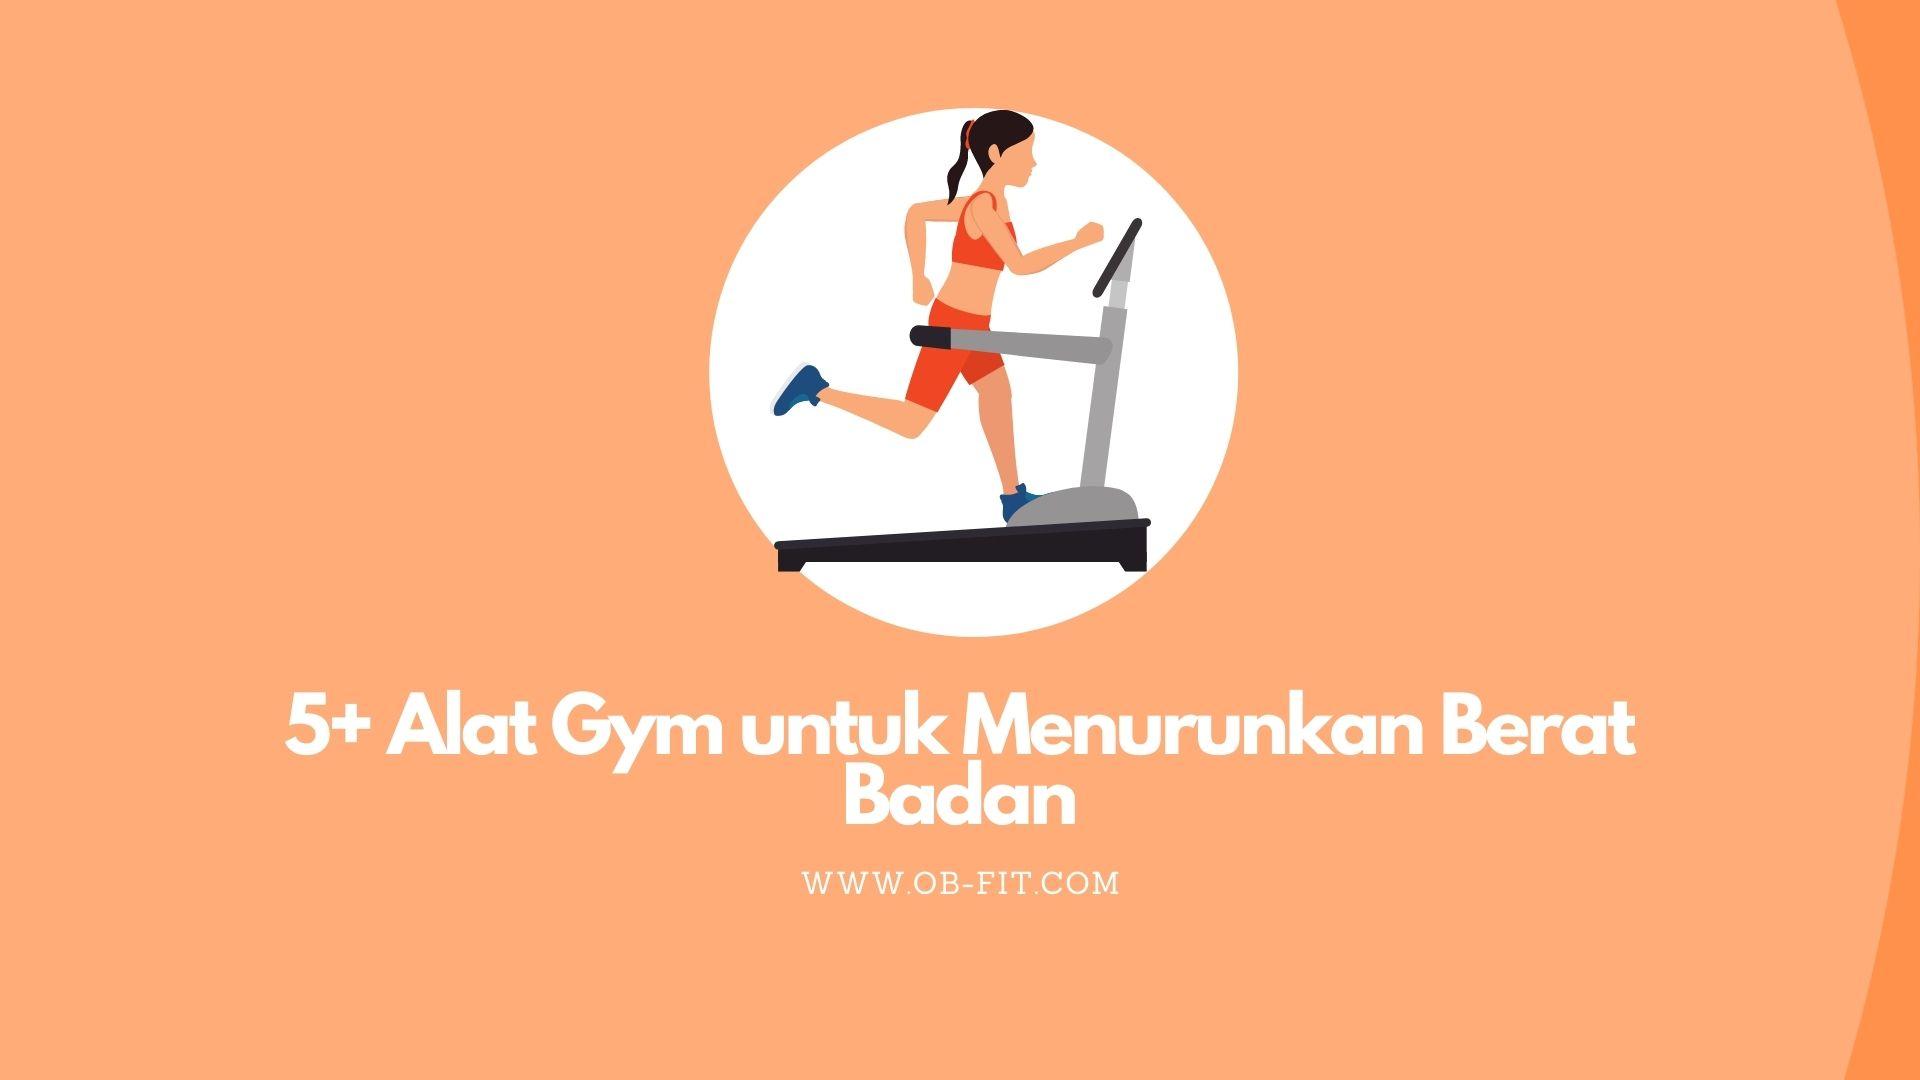 9+ Alat Gym untuk Menurunkan Berat Badan Hanya Butuh 6 Bulan Loh!